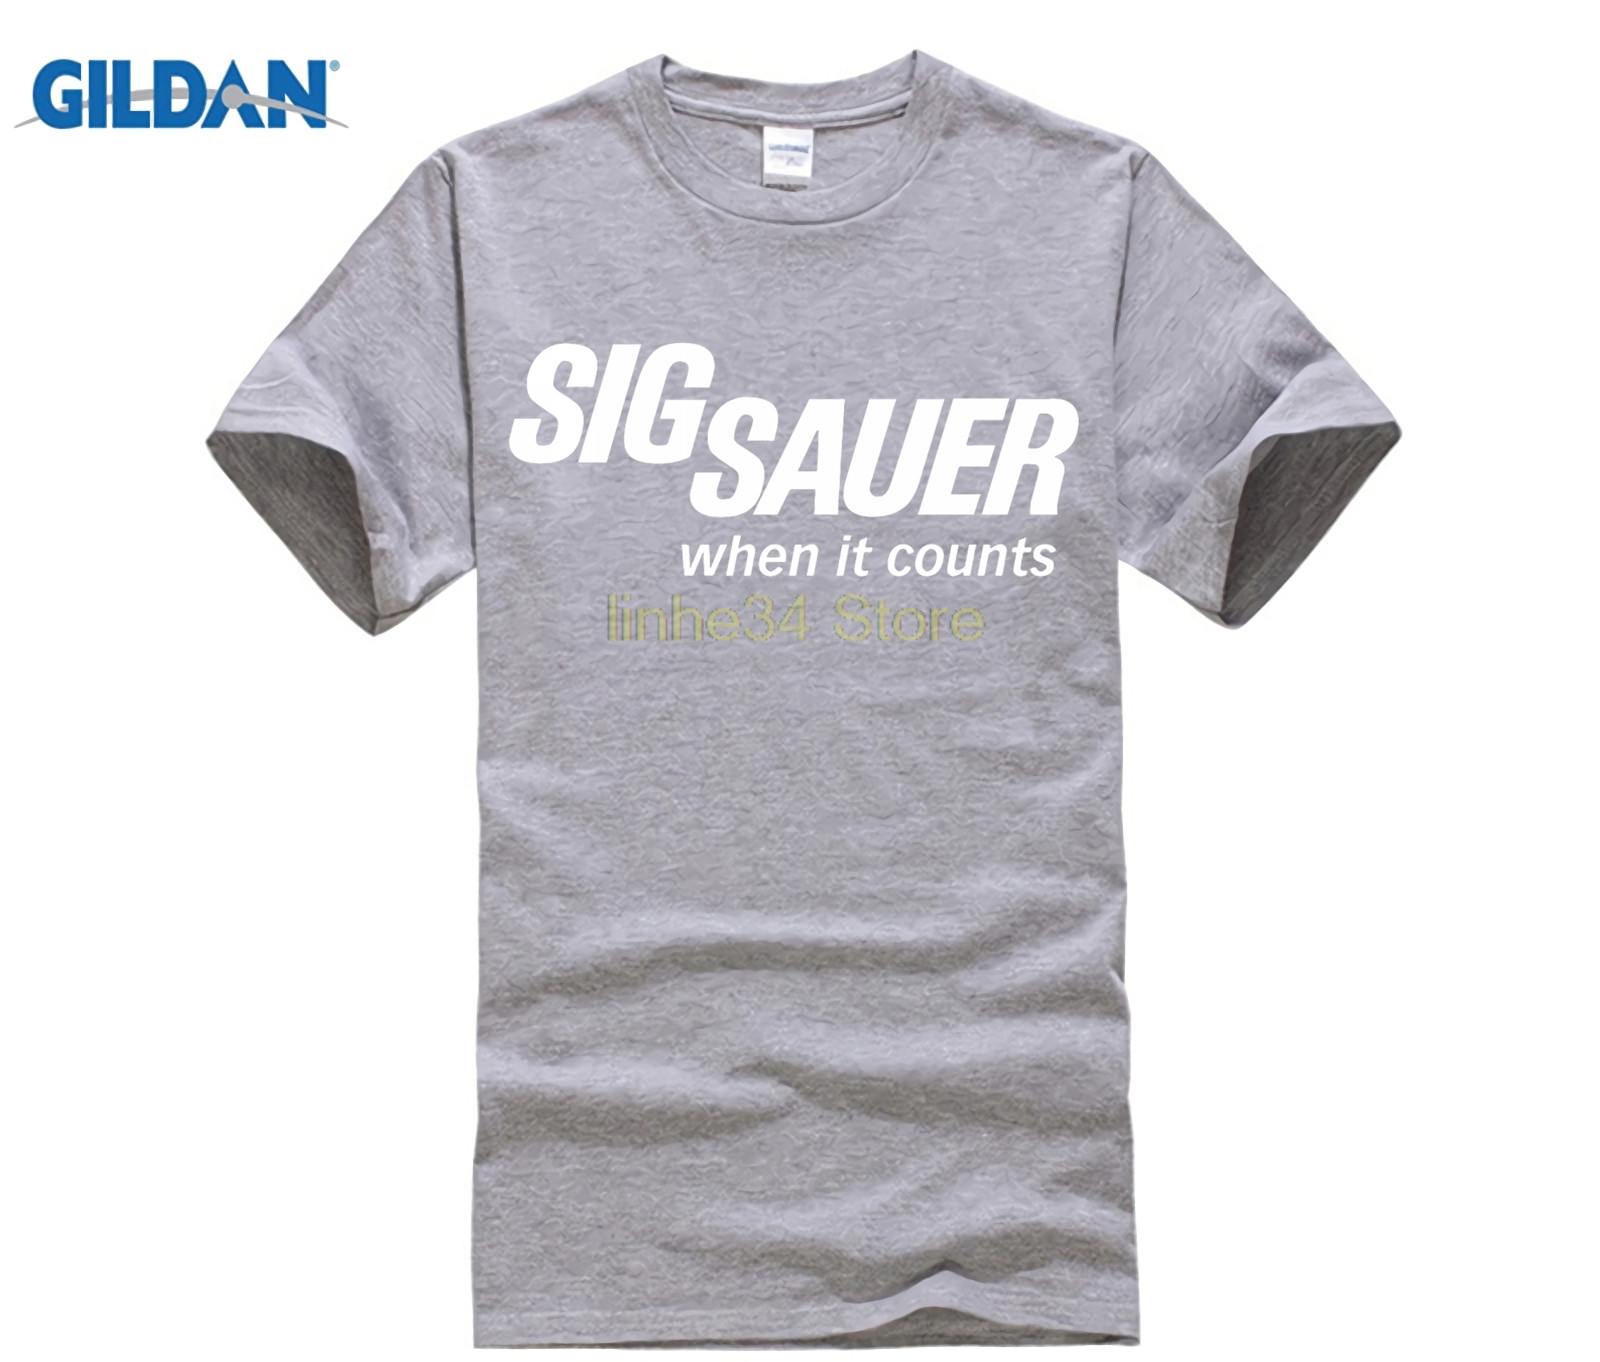 Otoño hombres ropa SIG SAUER batería masculina divertida algodón Tops Jersey camisetas hombres camiseta personalizada